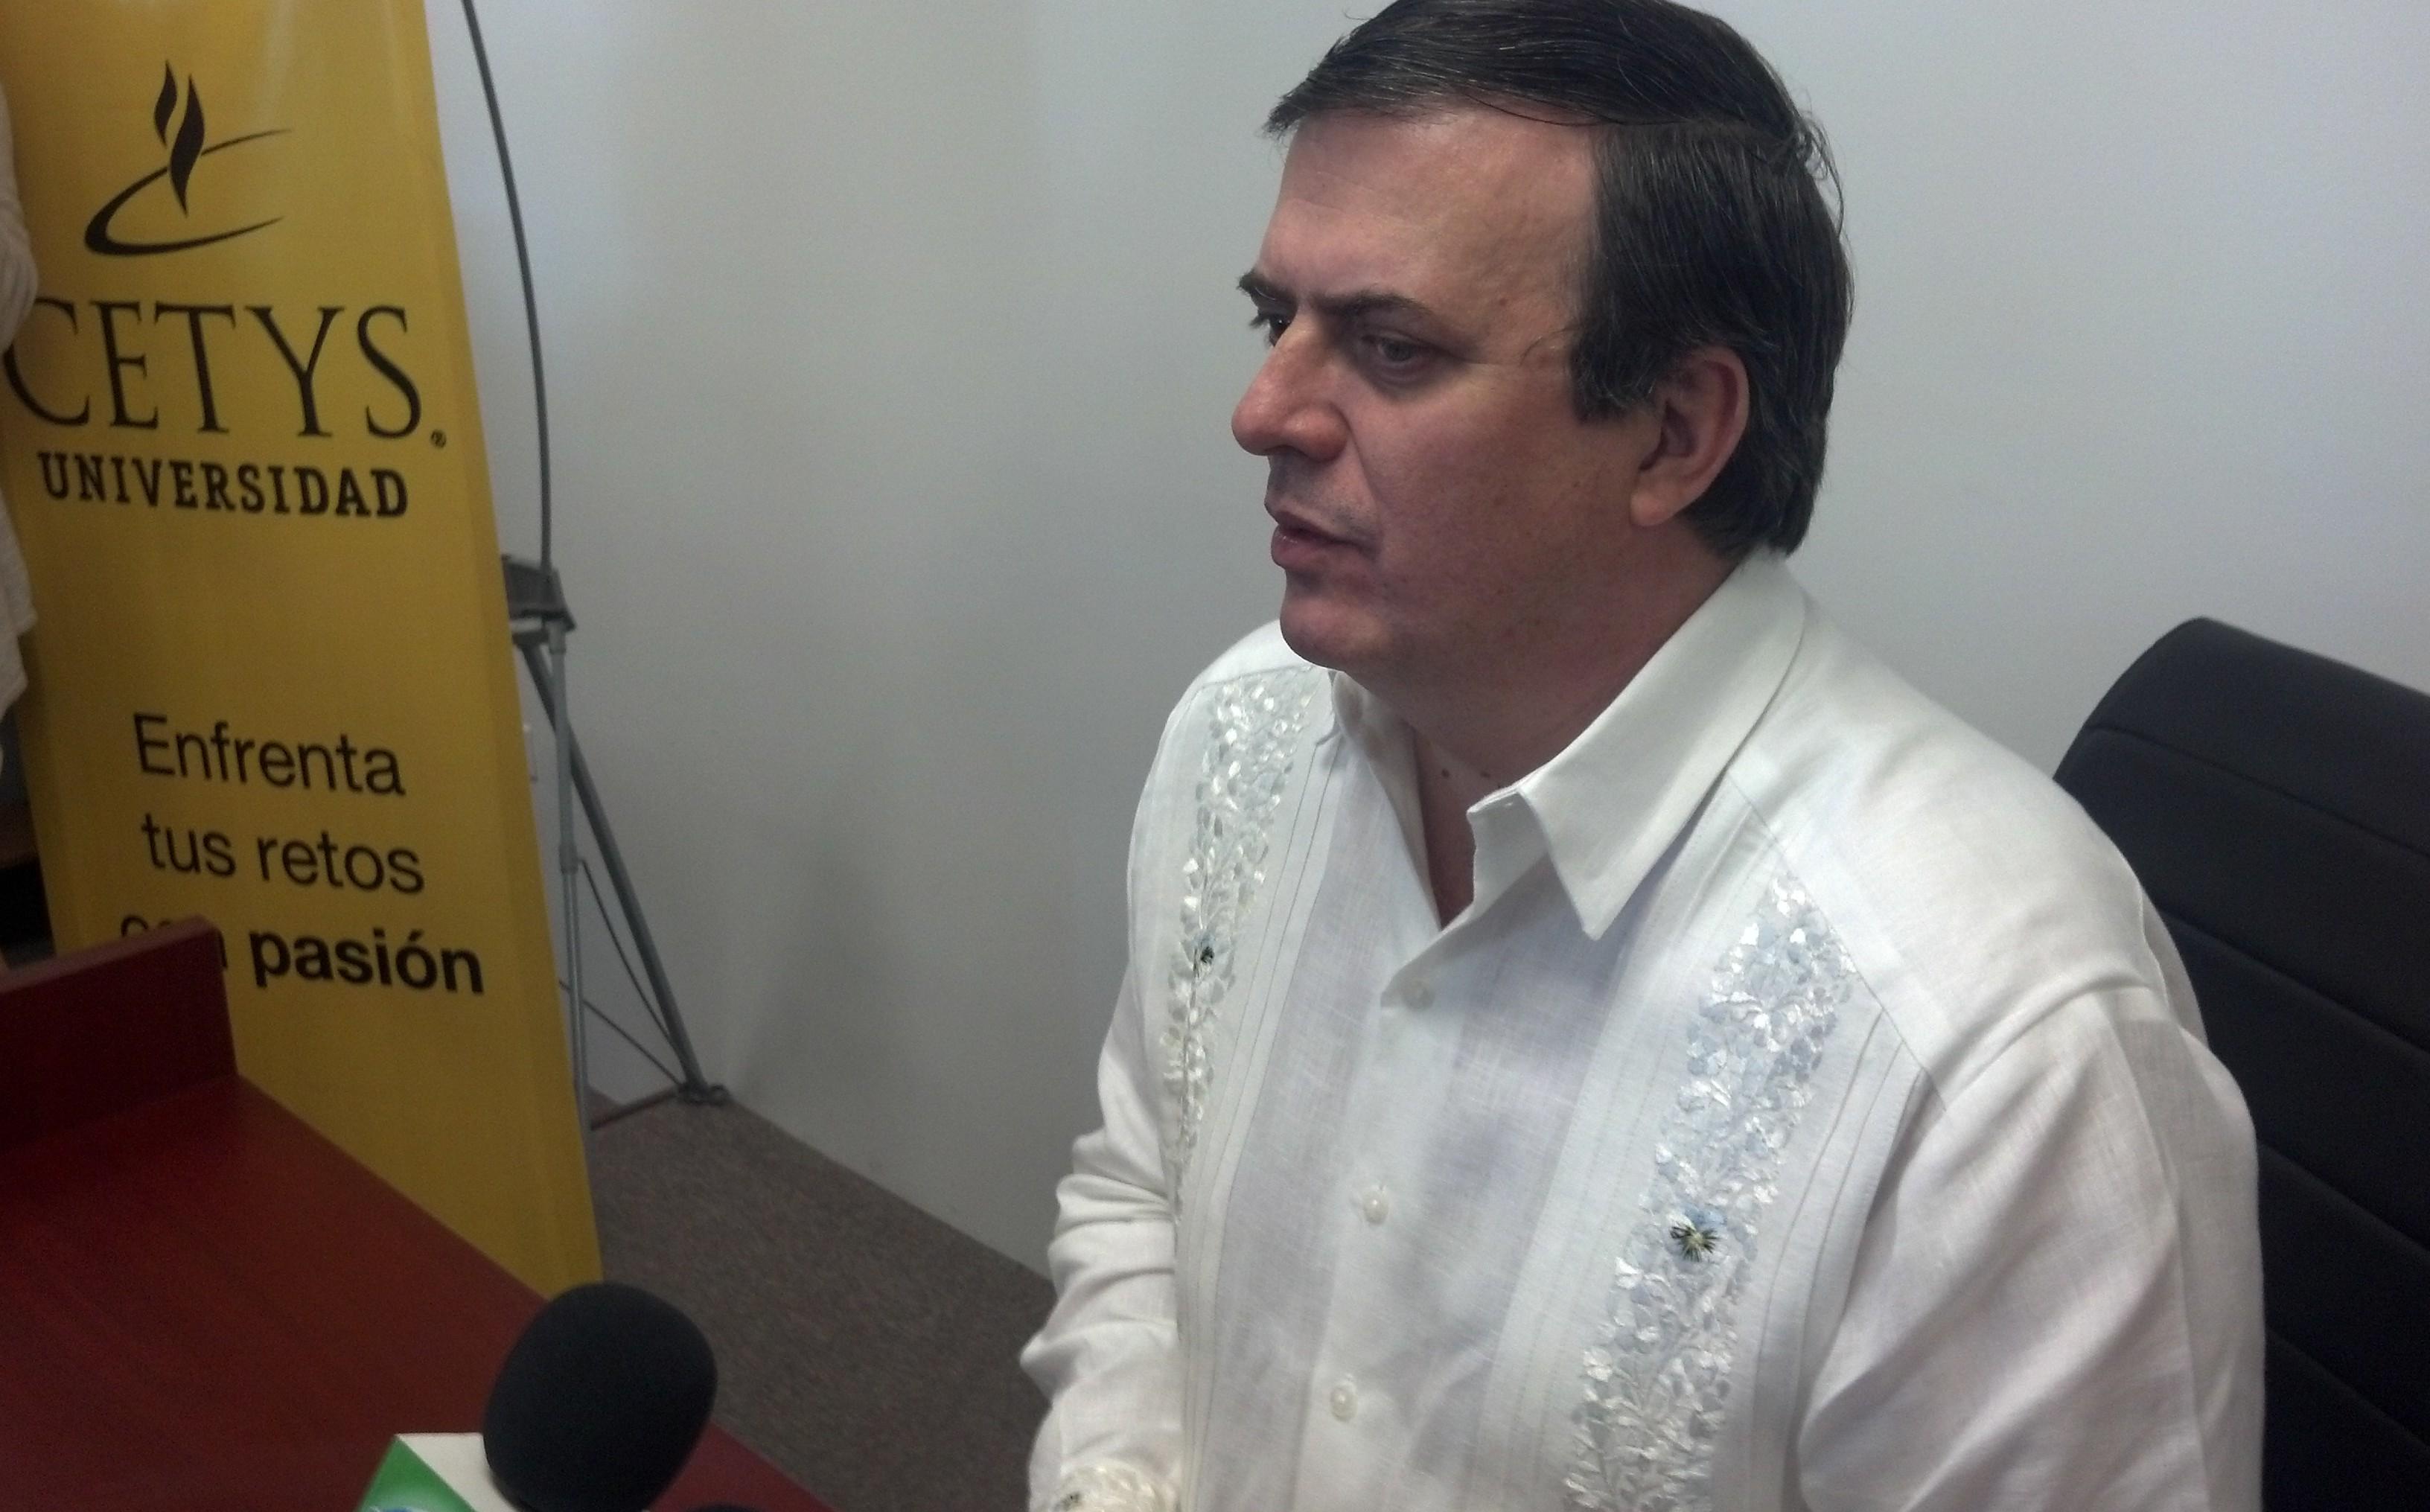 AMLO tomará política de 'no intervención' en Venezuela y Nicaragua